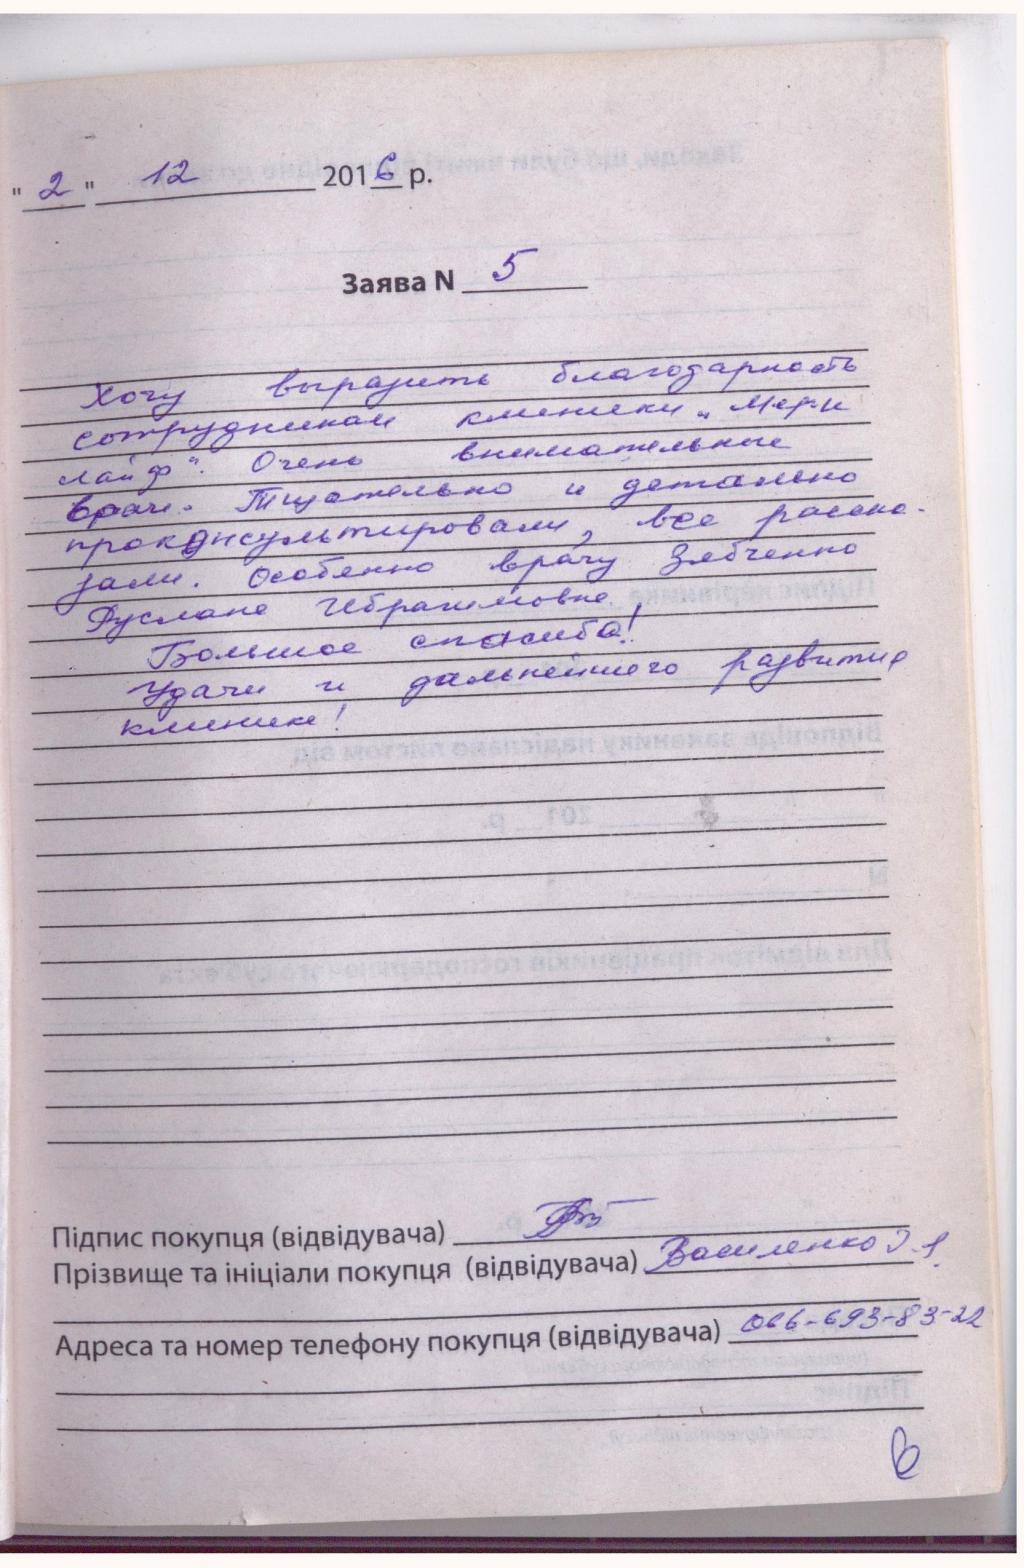 Клиника Мерилайф - Скан отзыва о Зябченко Руслане Ибрагимовне